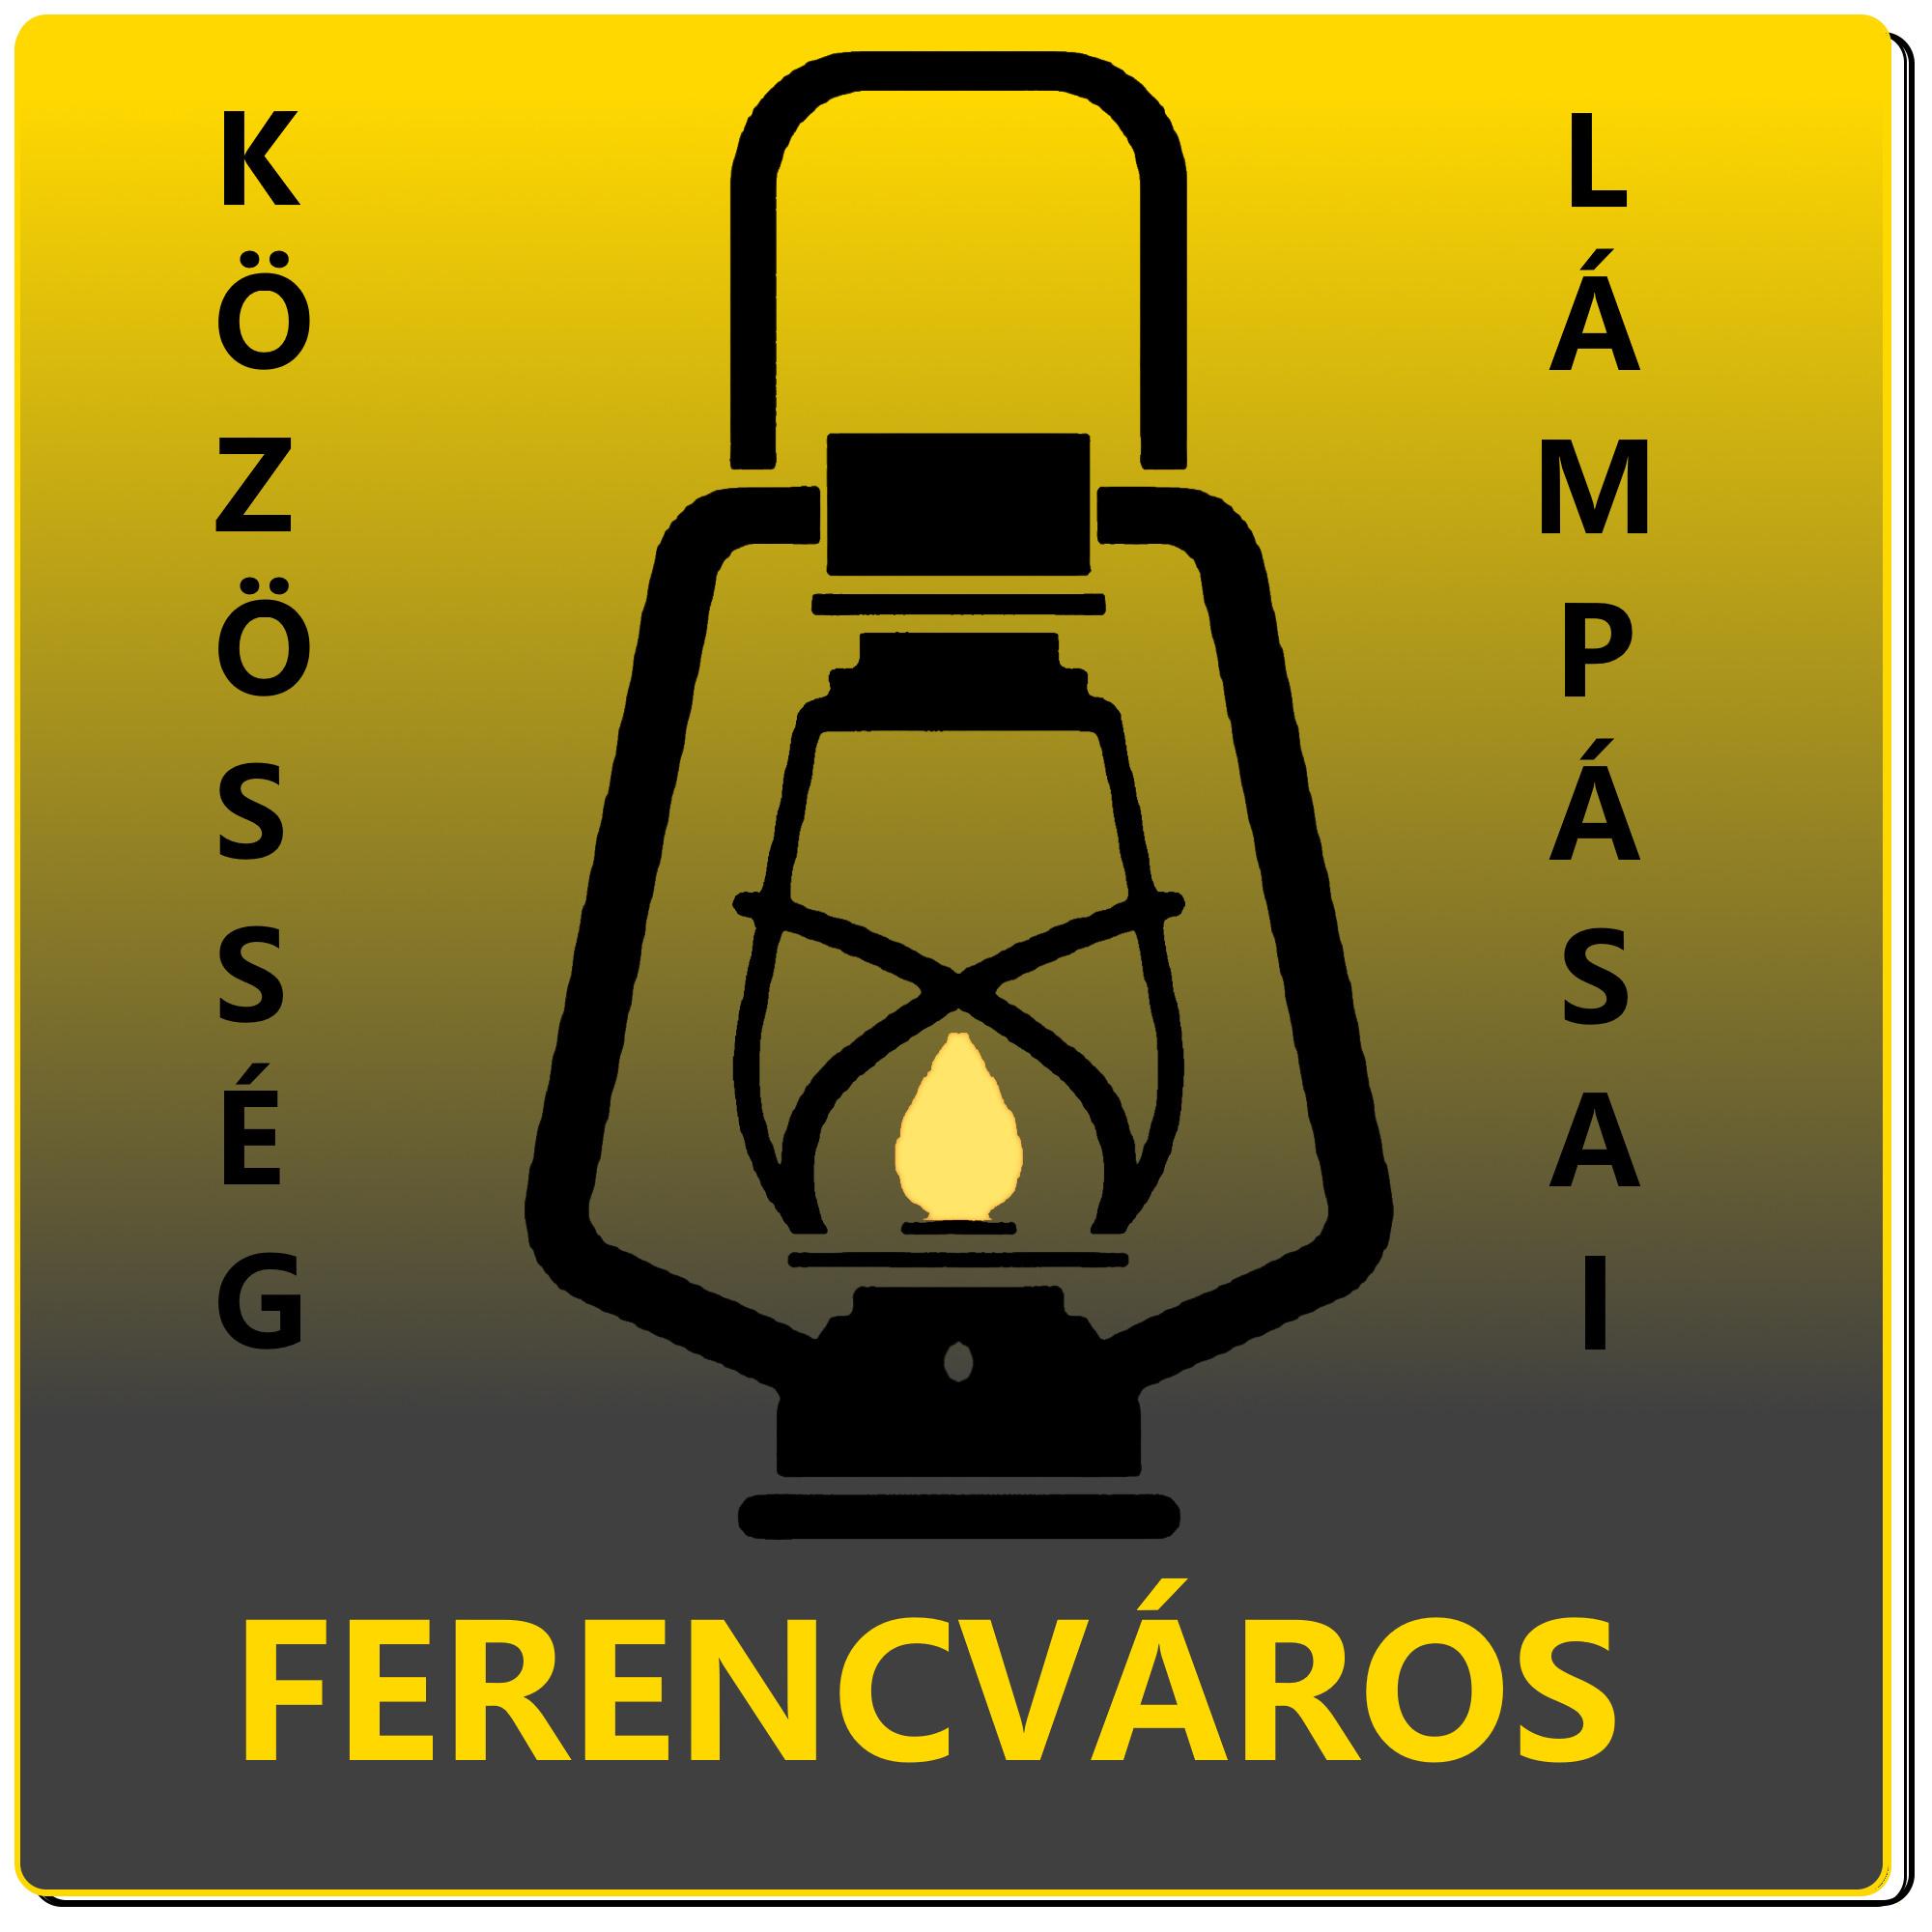 A ferencvárosi Lámpás Klub logója